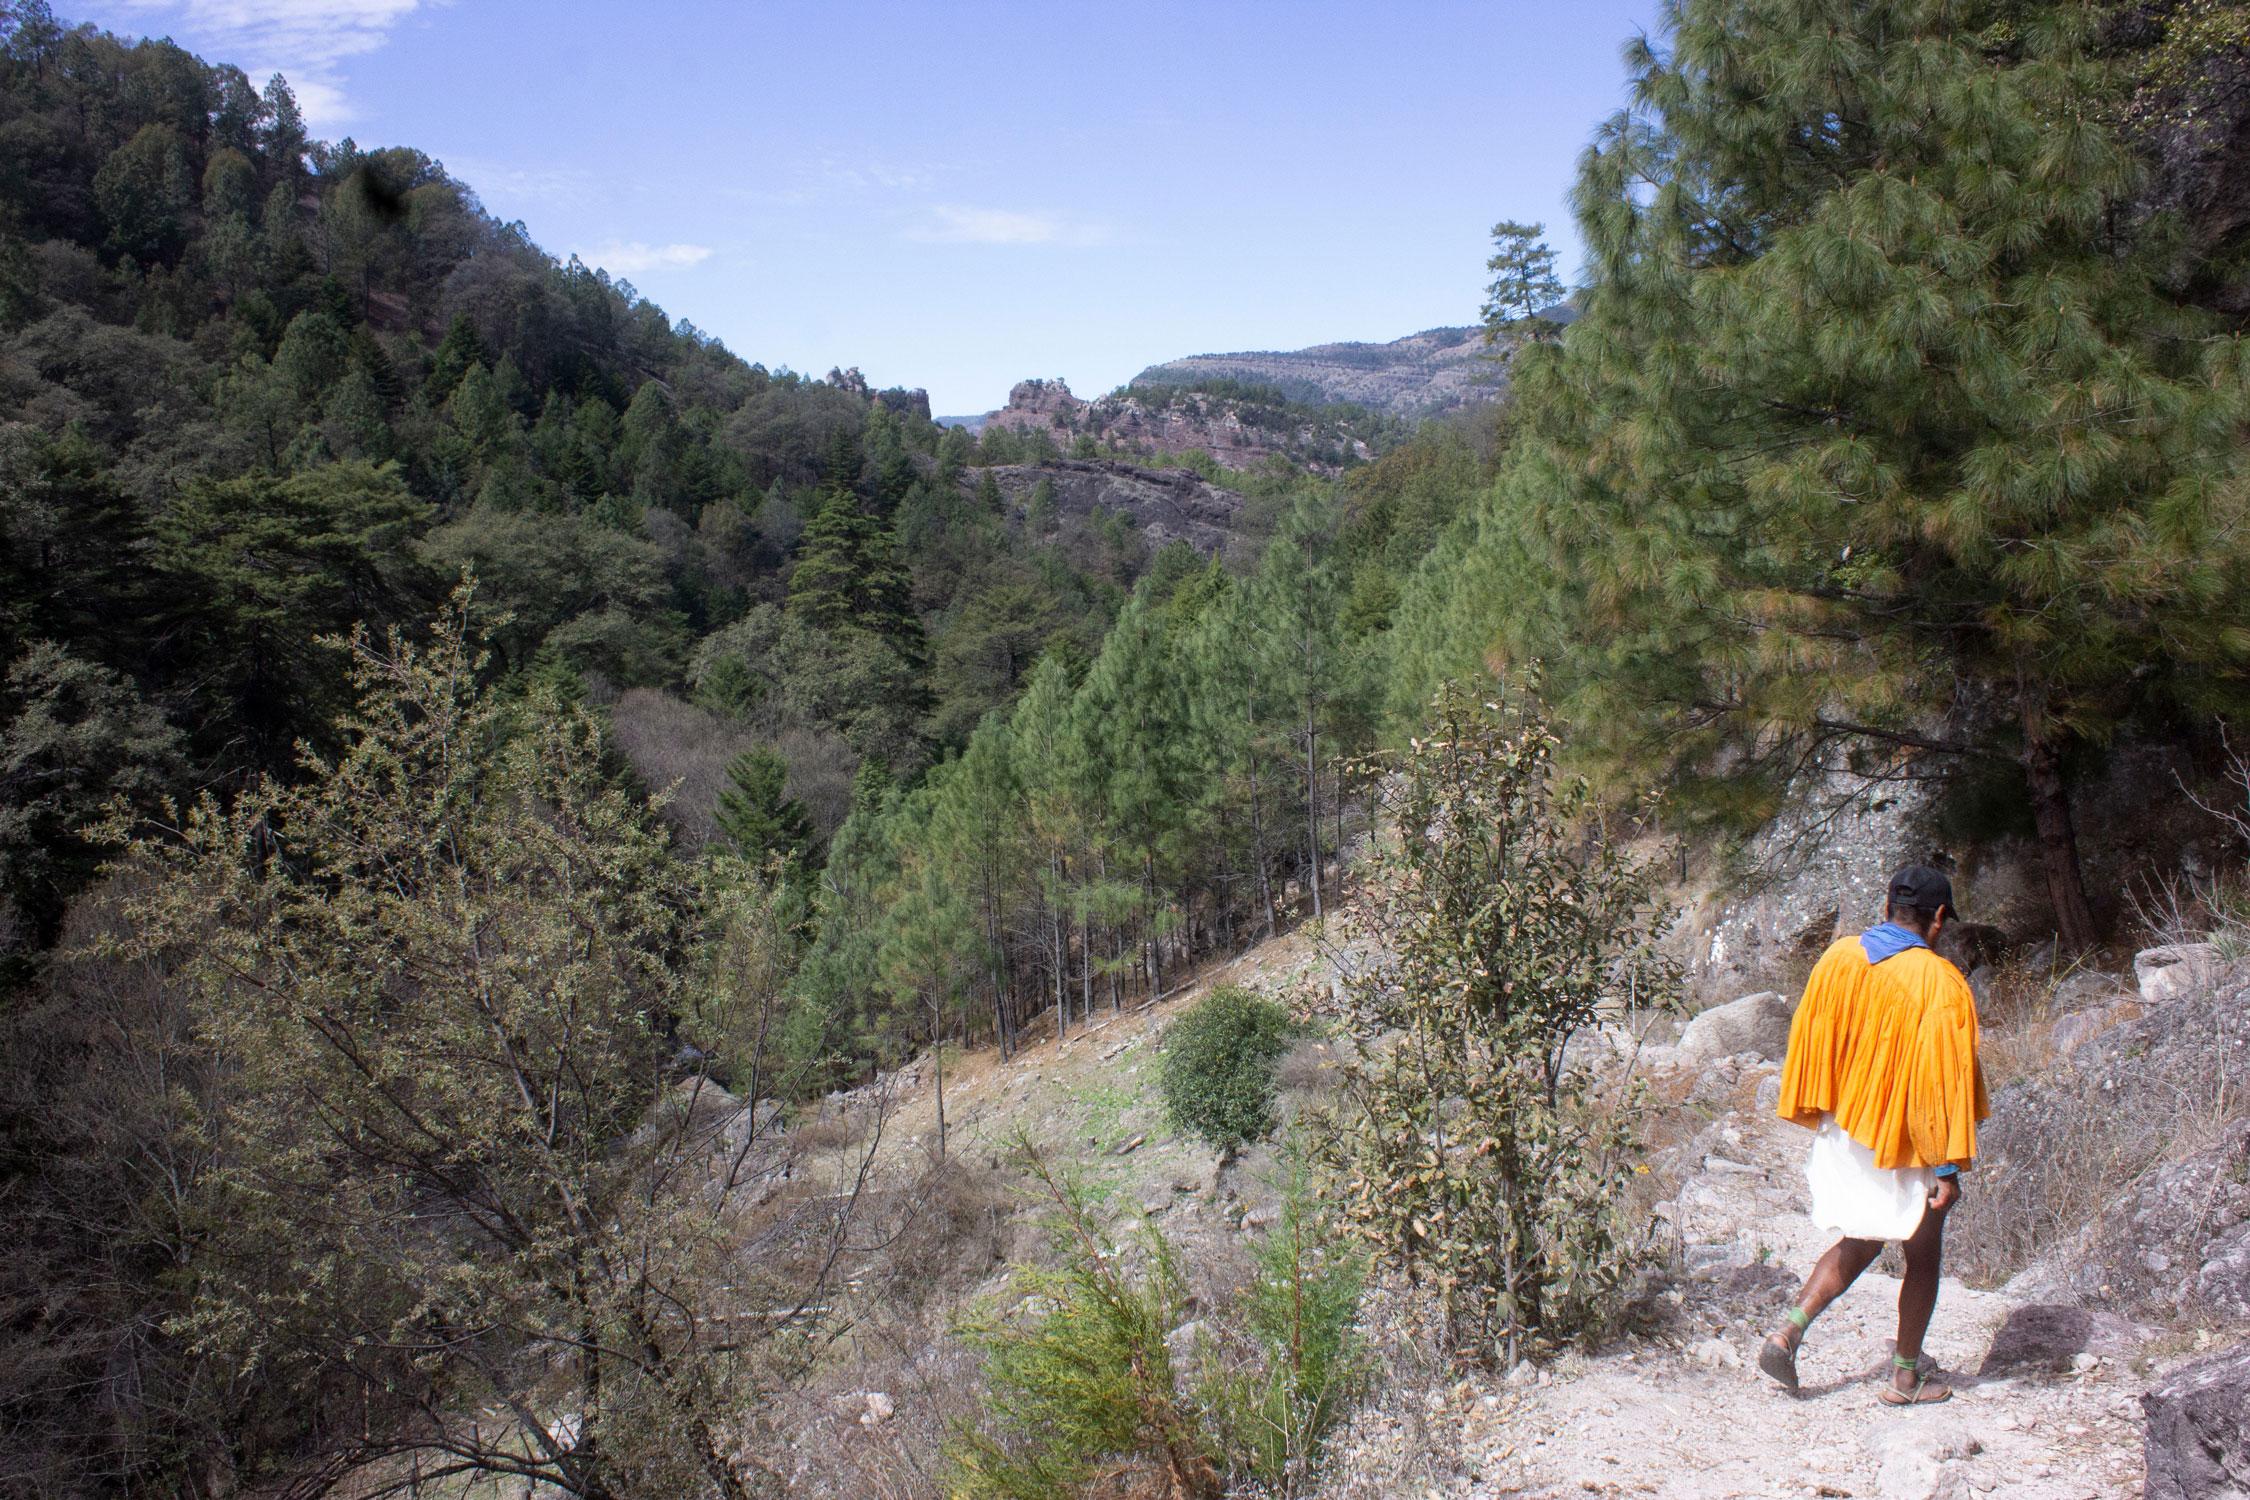 Manuel Luna leds some Mas Locos on a day-hike through the Barrancas.